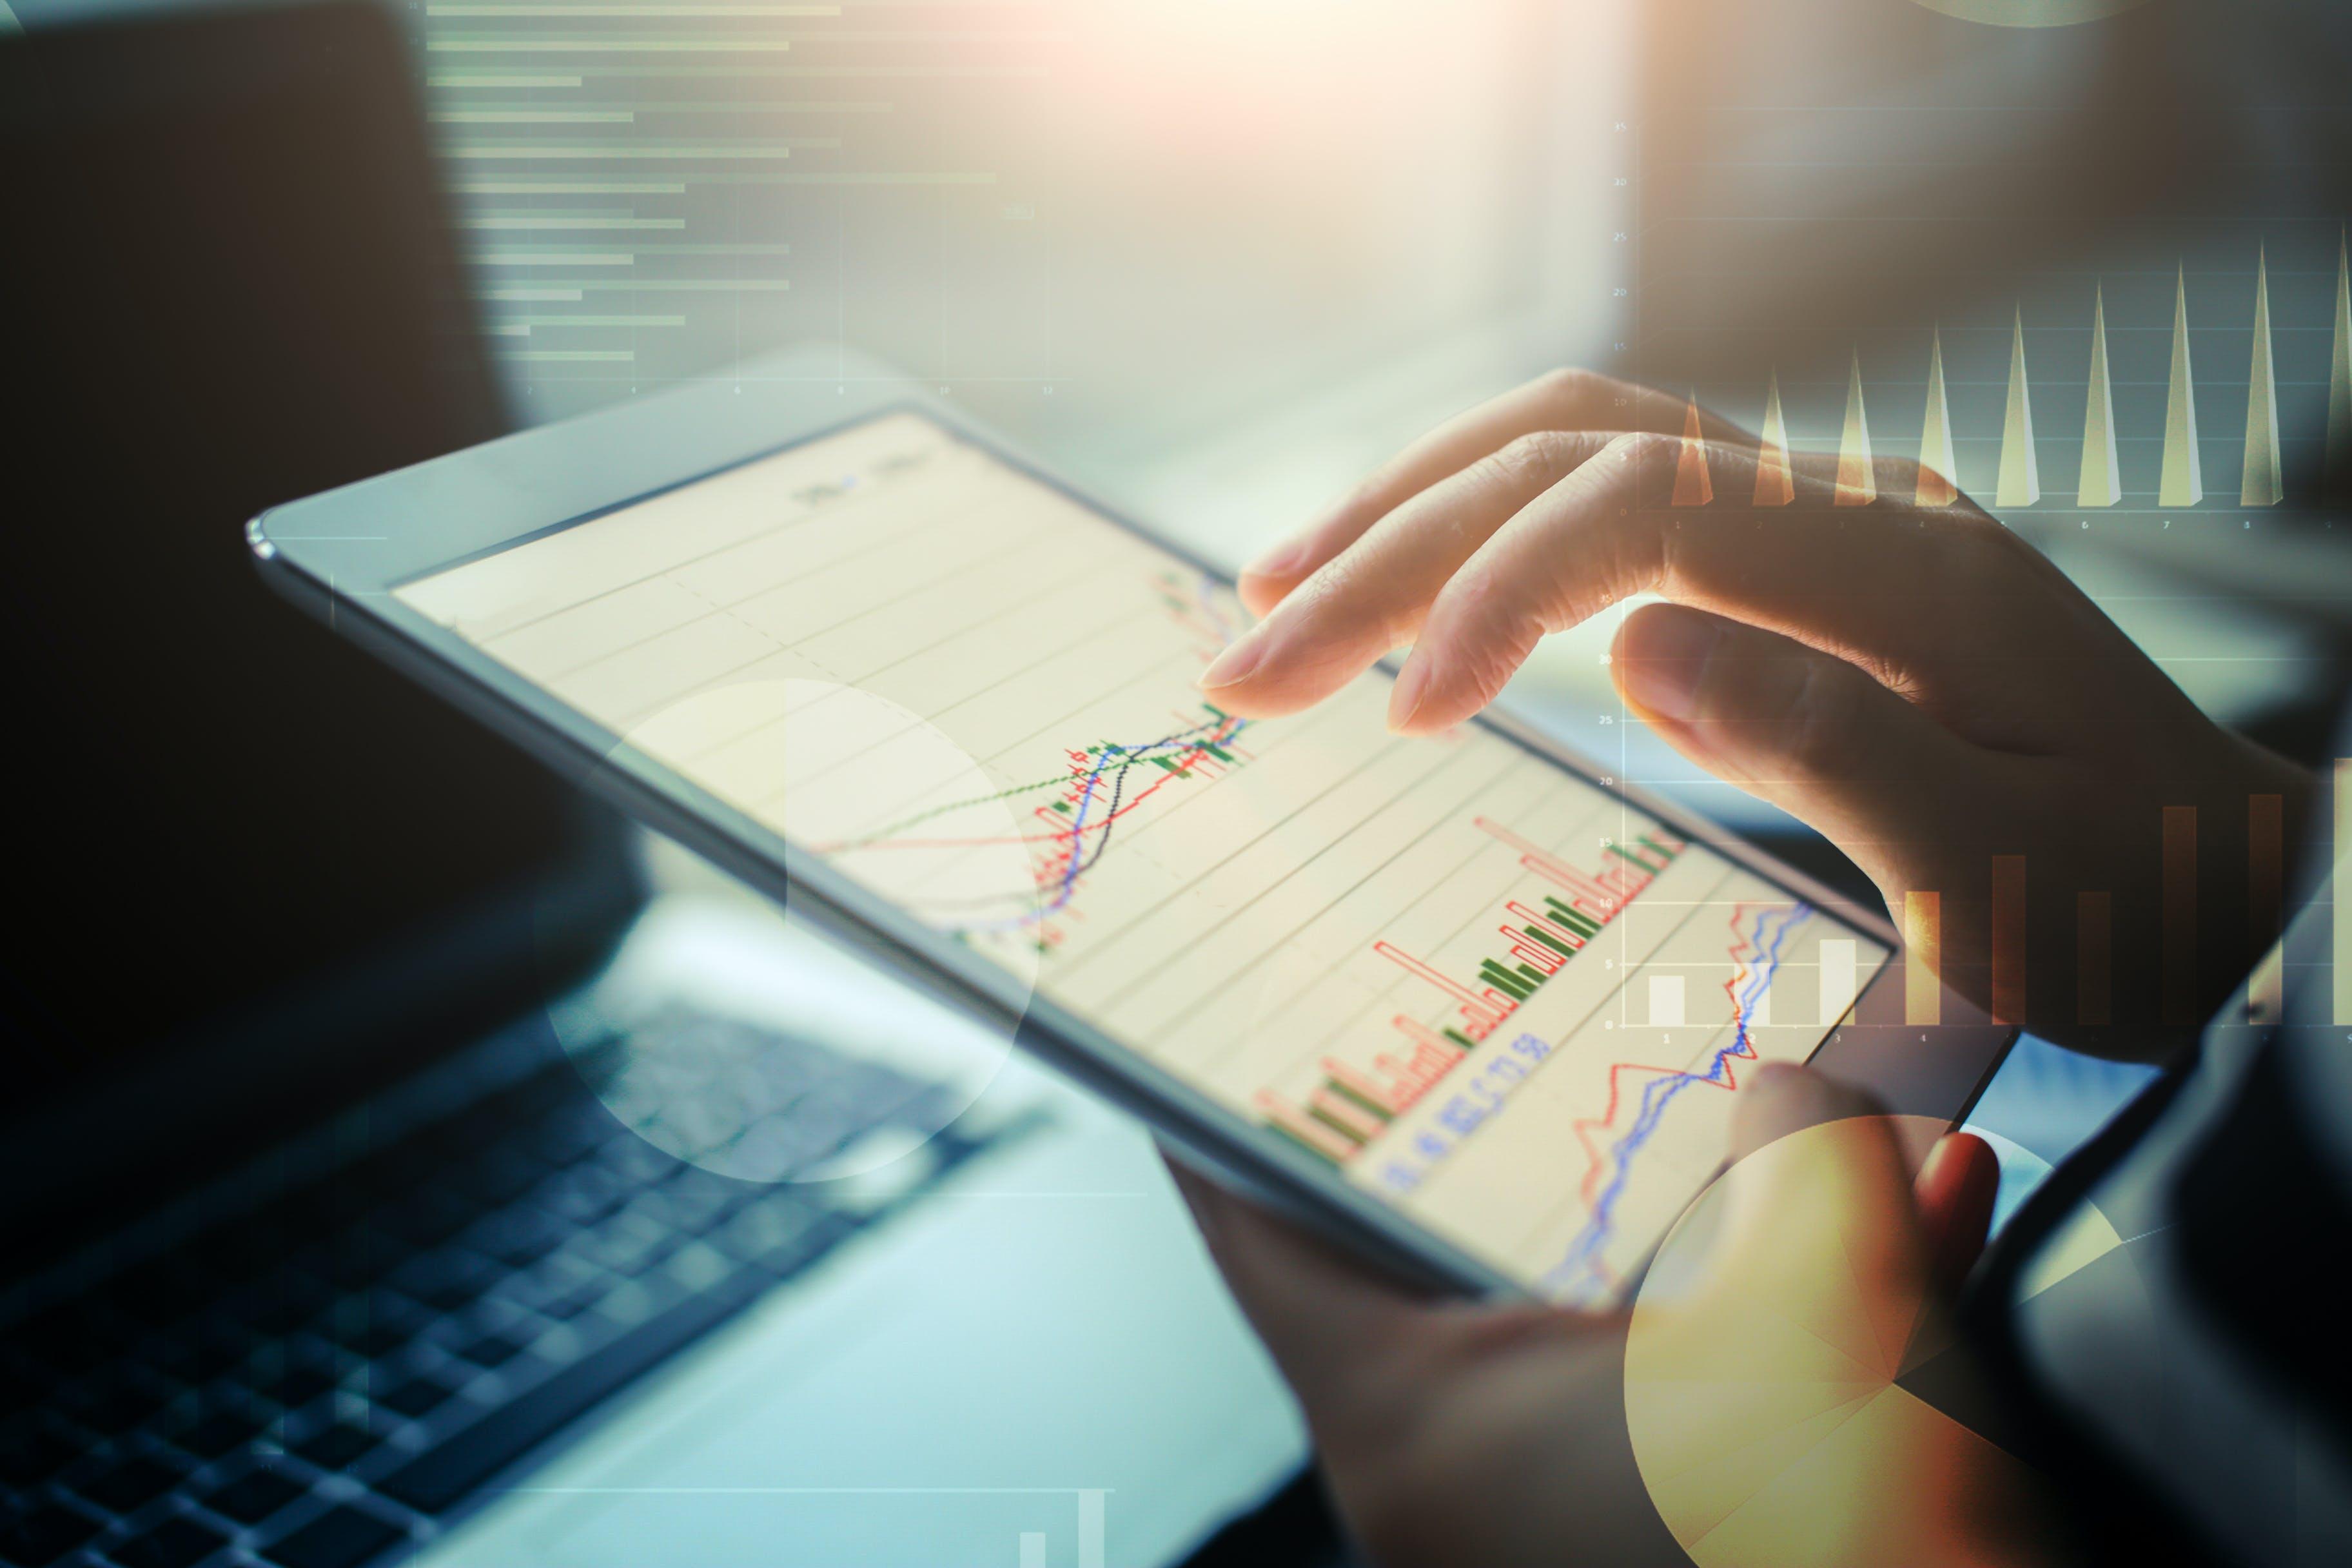 Osoba przeglądająca na tablecie wykresy, cyfrowe dokumenty